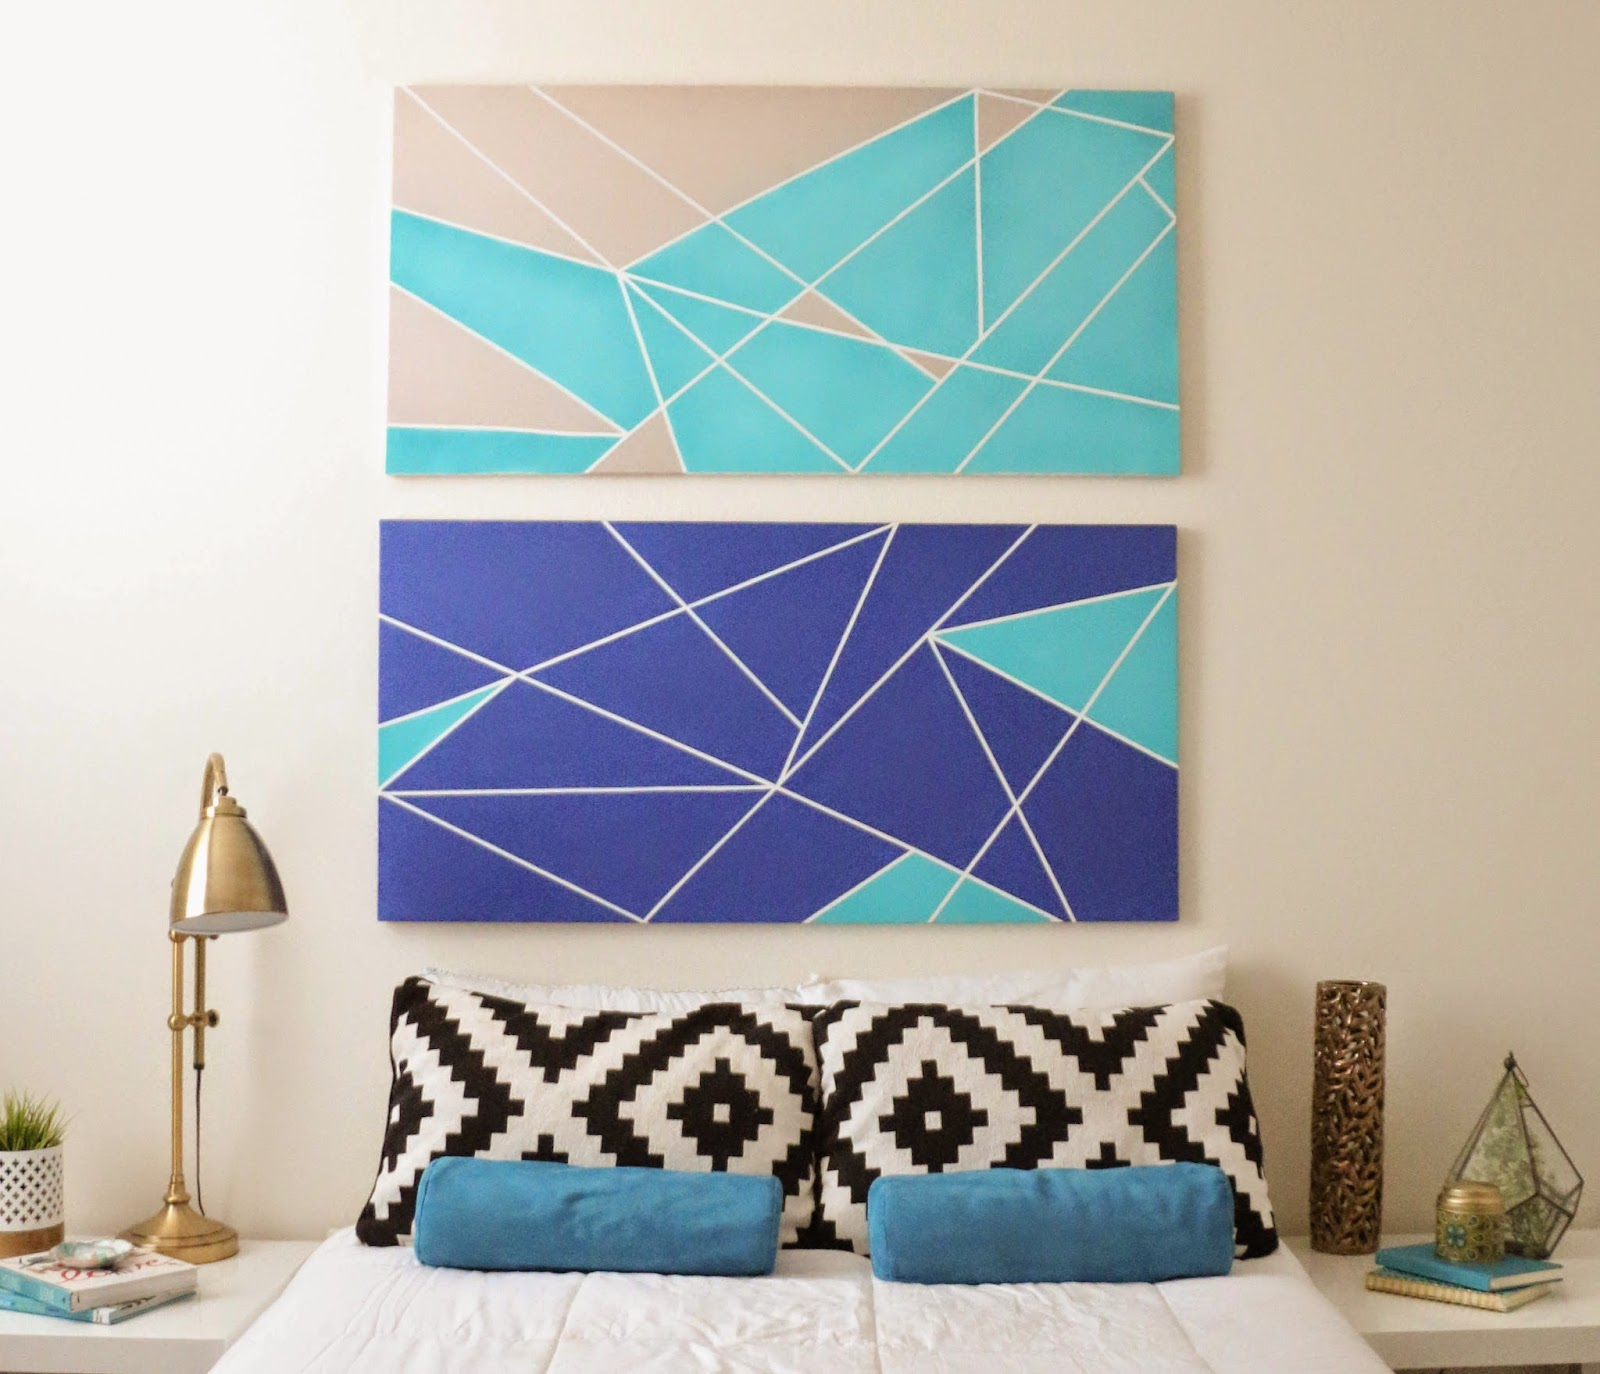 a kailo chic life make it a geometric canvas headboard bedroom headboard wall decal bedroom headboard wall art